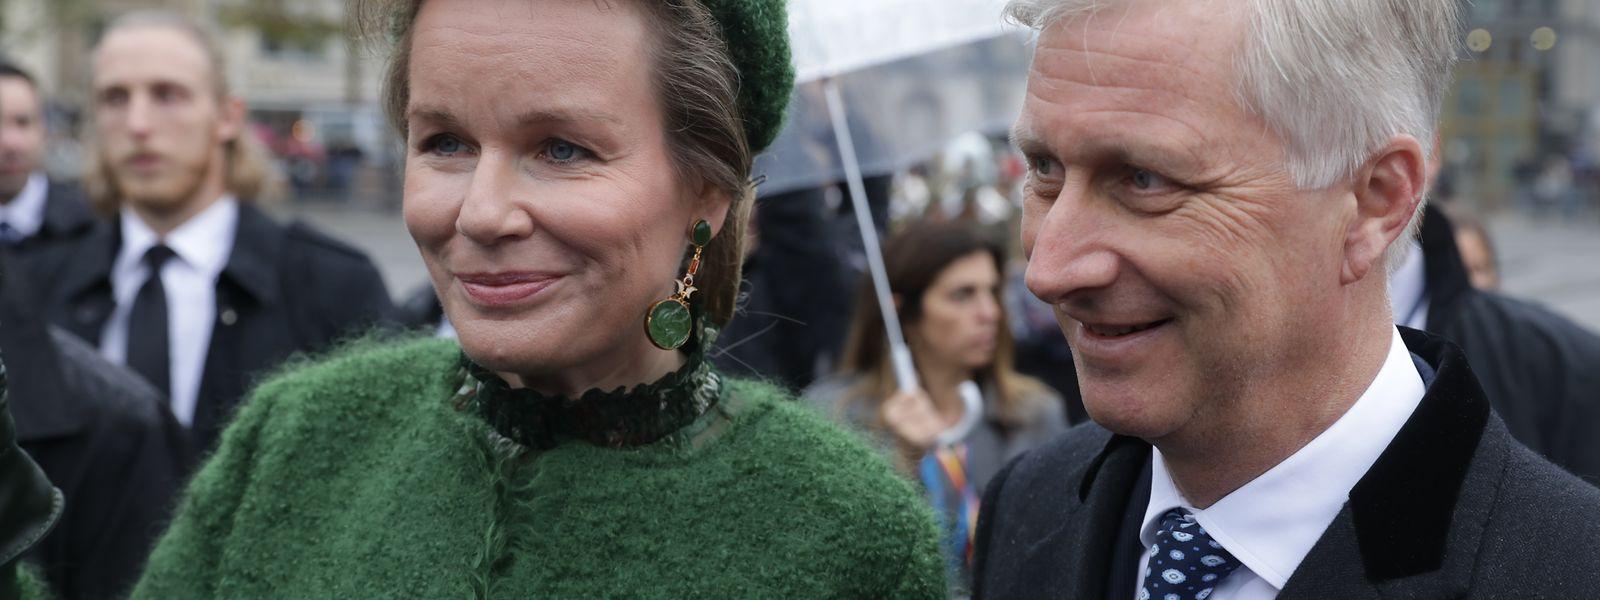 Königin Mathilde und König Philippe langweilen sich auch am Donnerstag nicht.